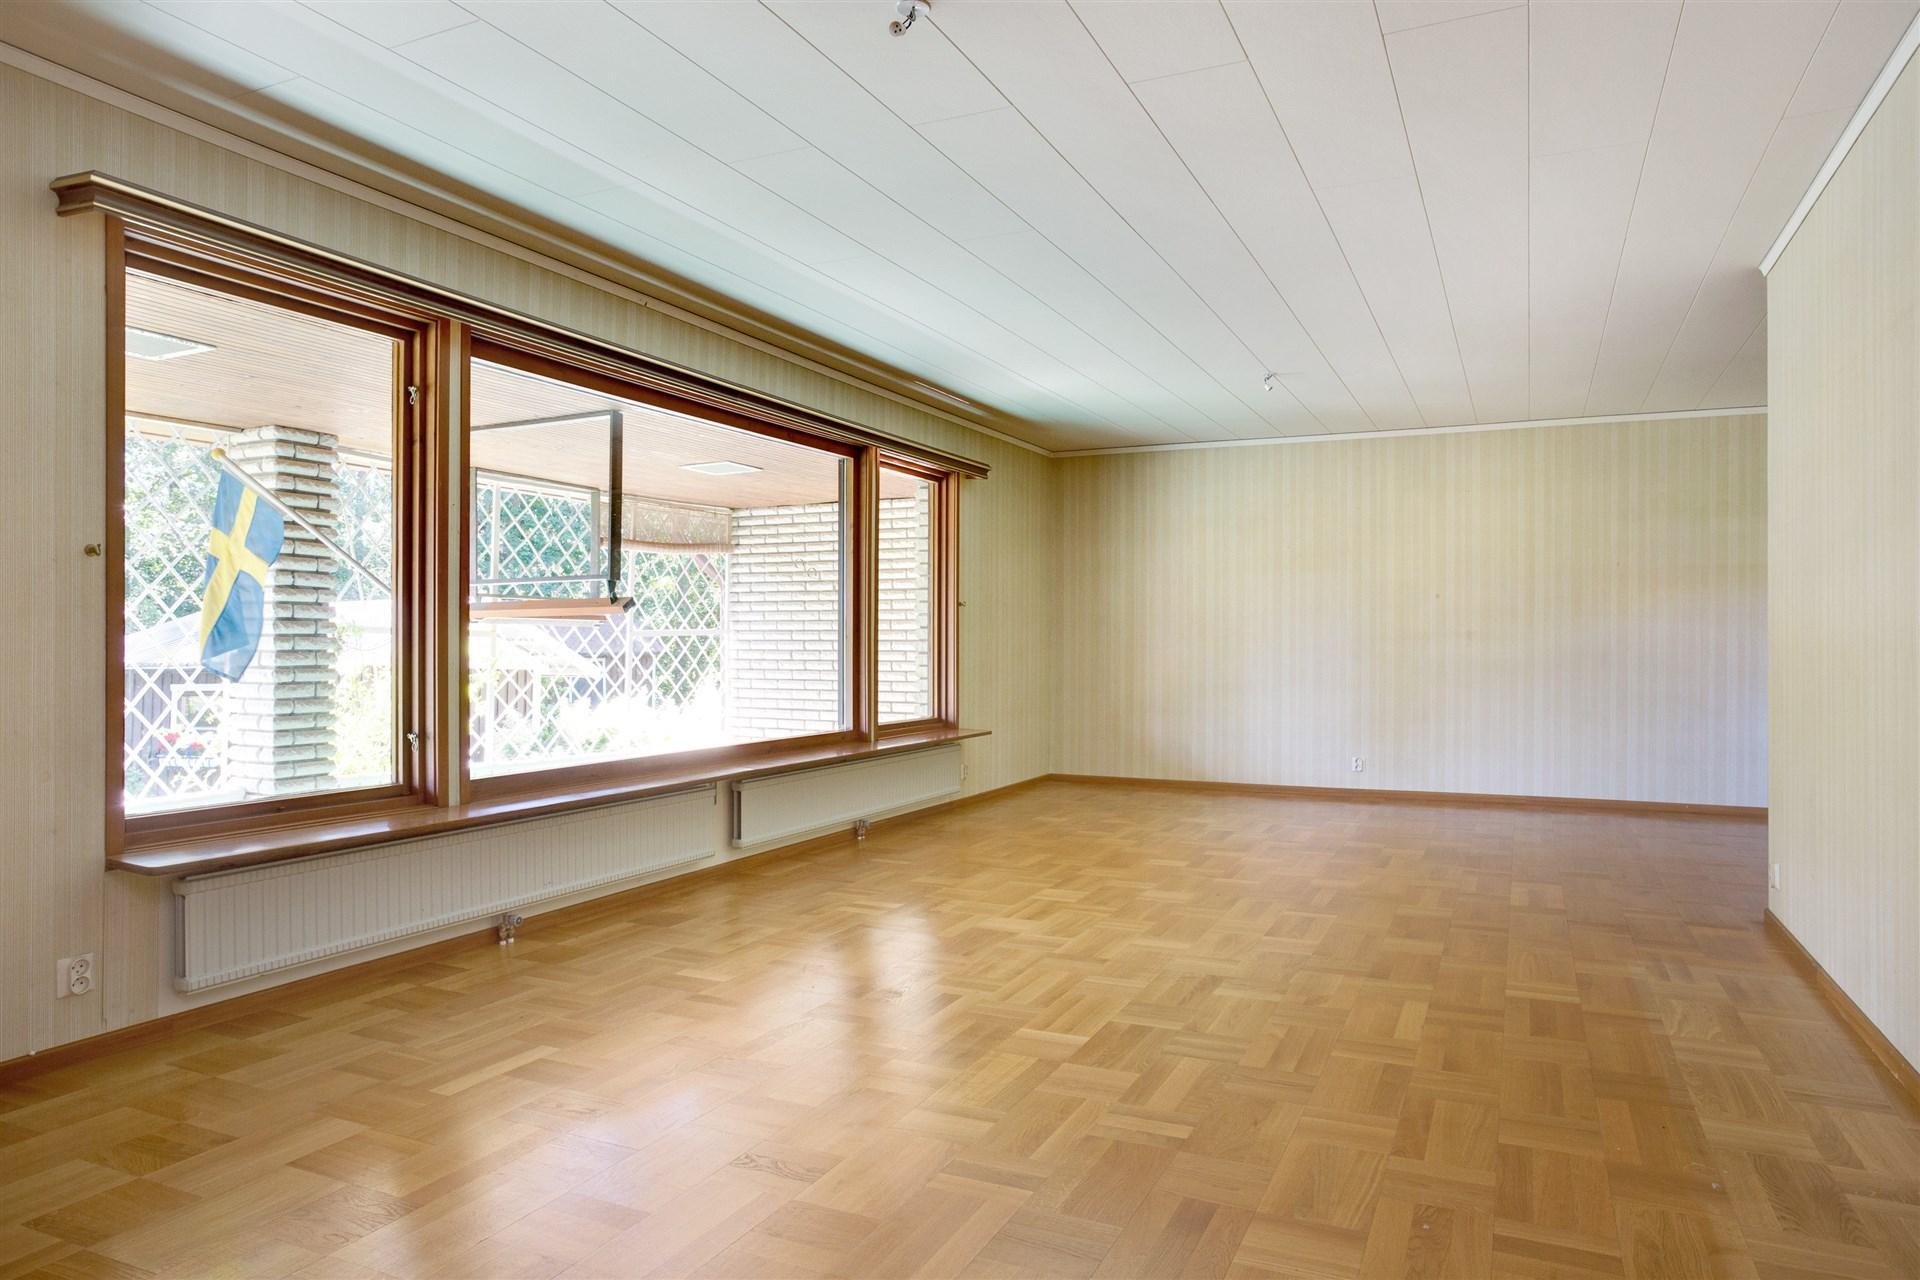 Vardagsrum i vinkel med stora fönsterpartier som ger fint ljus.